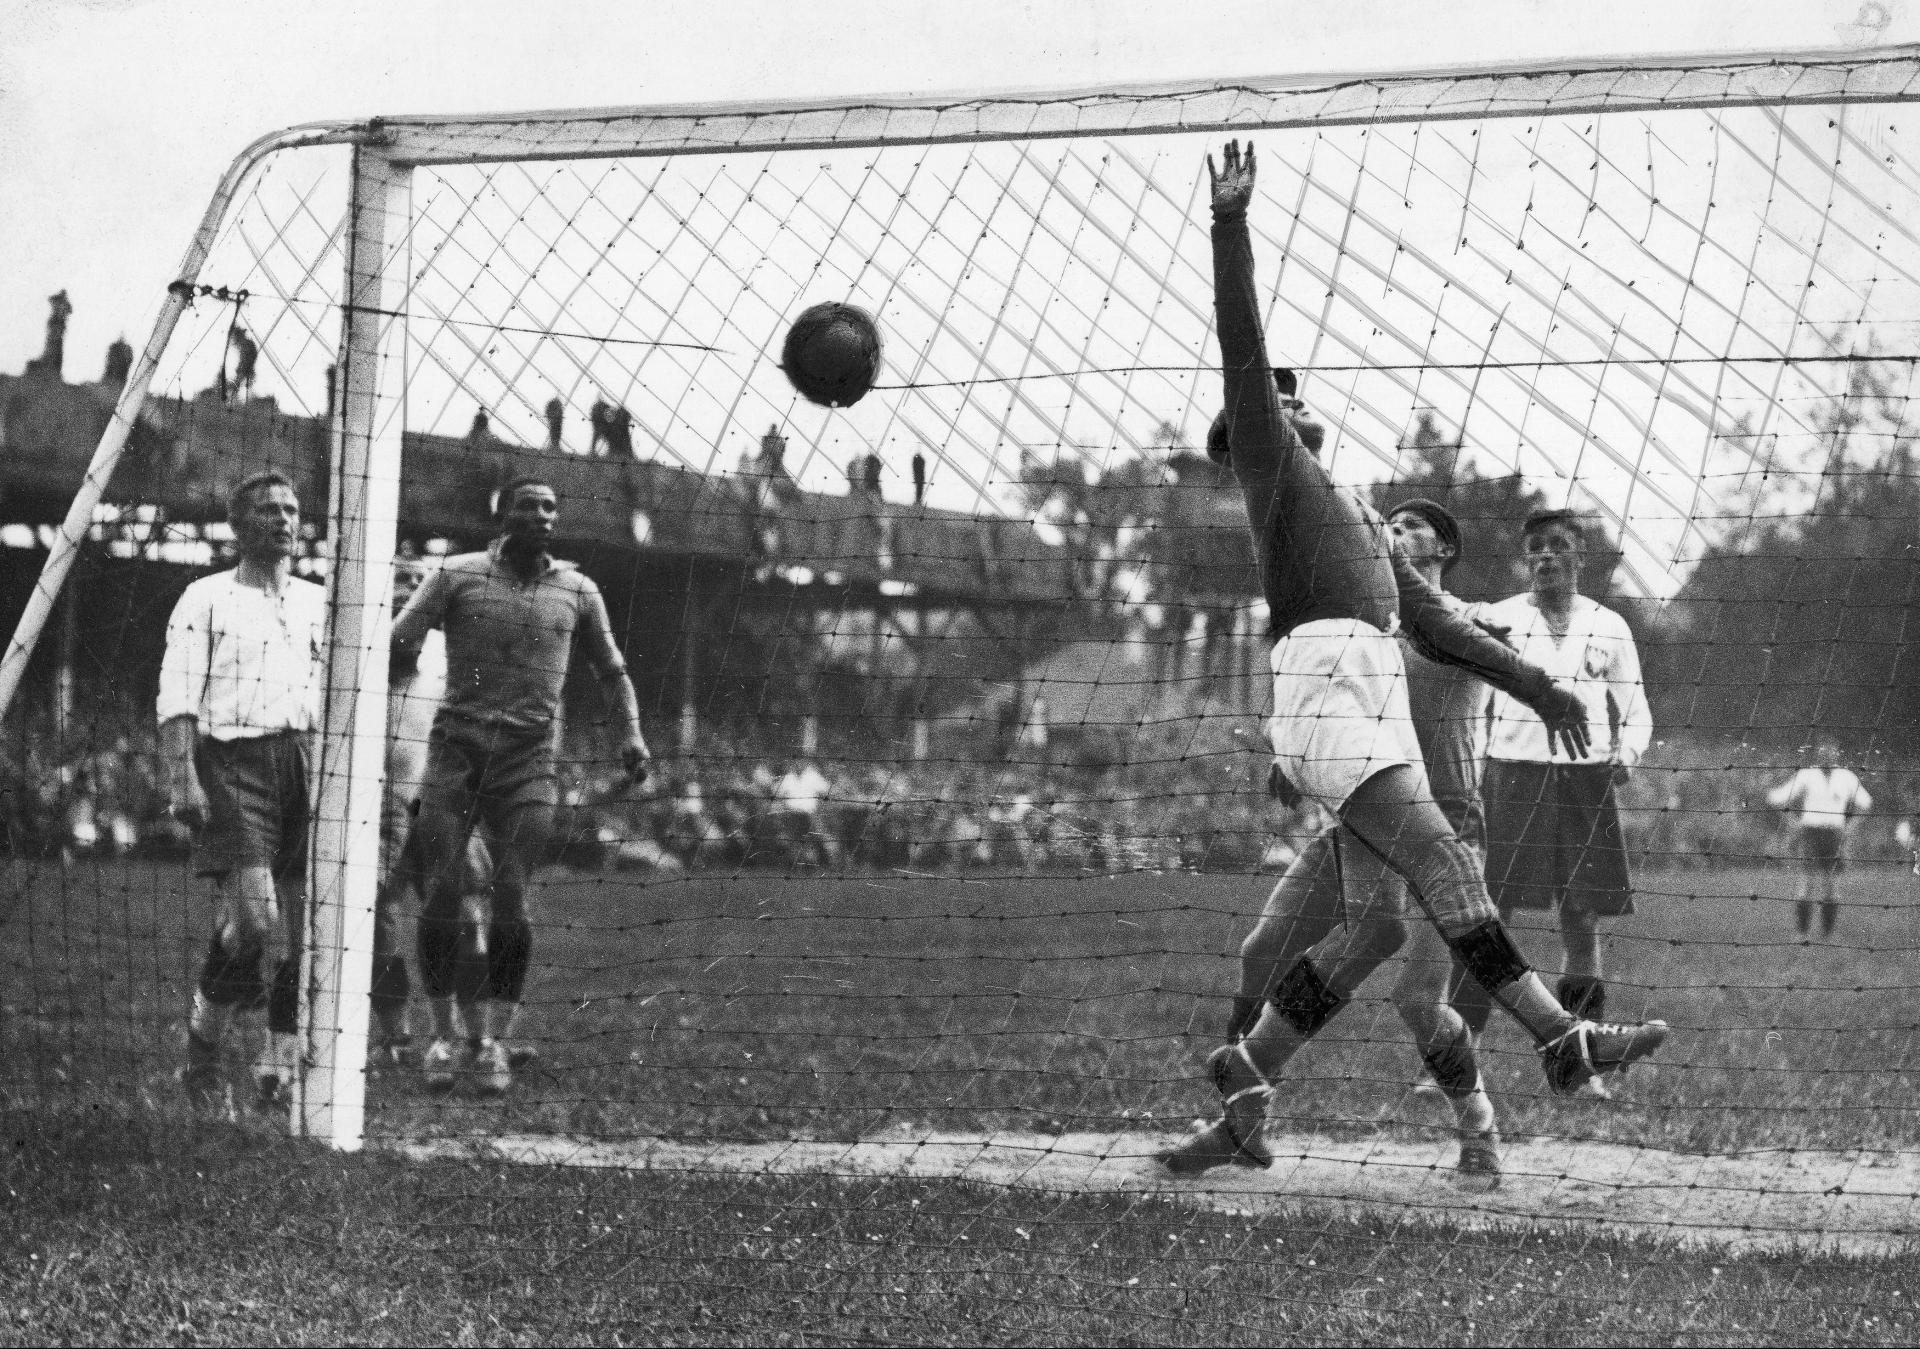 Edward Madejski sześć razy wyjmował piłkę z bramki w meczu Polska - Brazylia 5:6 na mistrzostwach świata 1938.